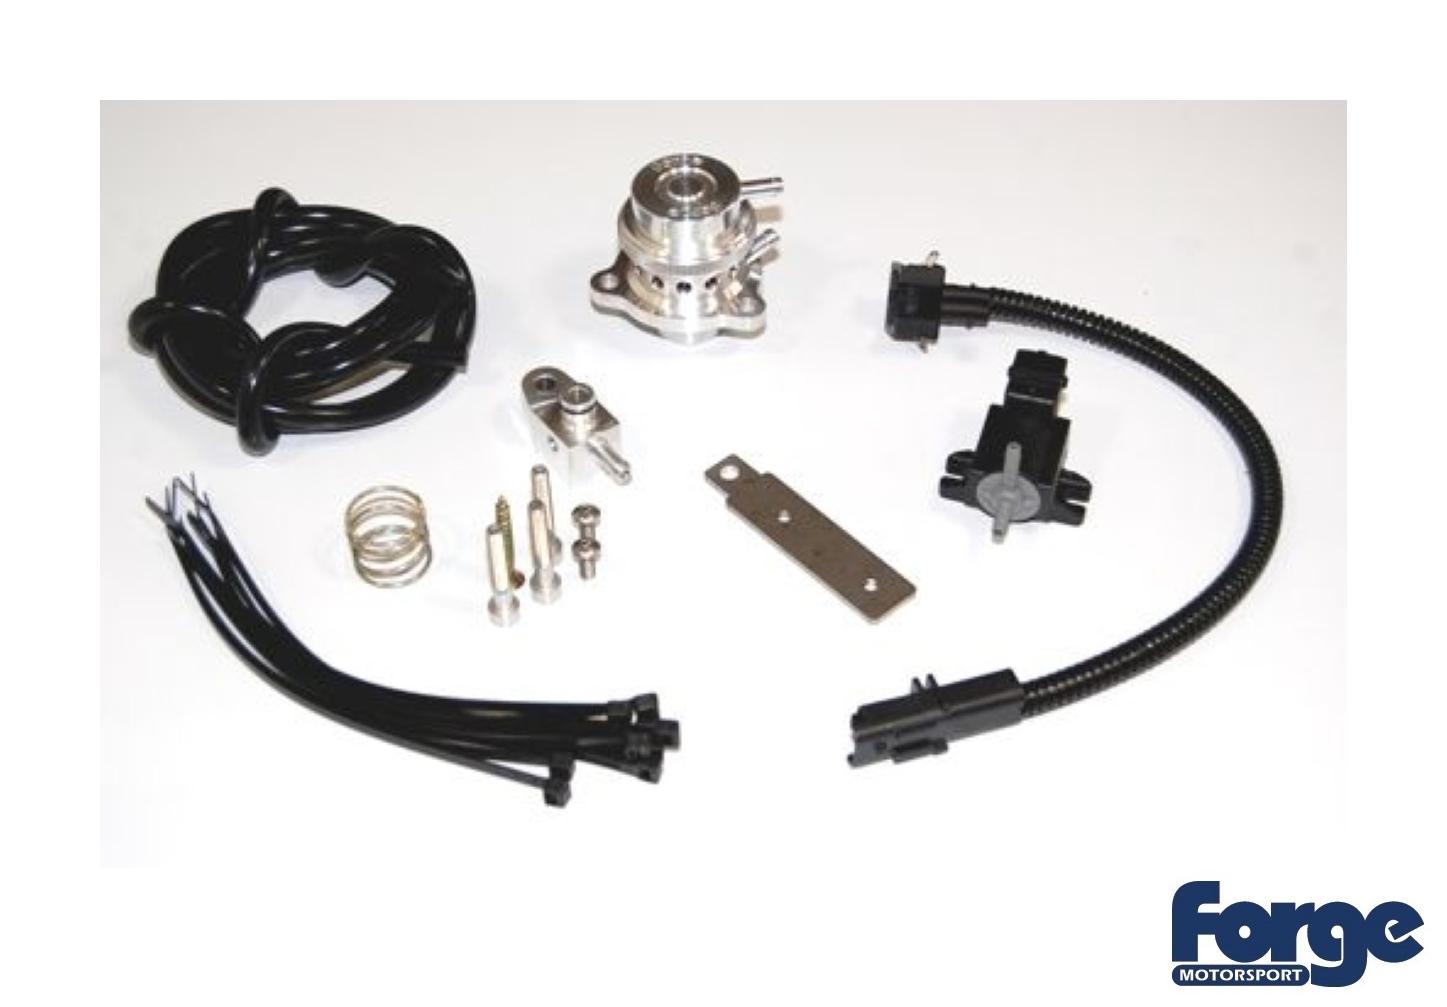 forge motorsport bmw mini r56 57 cooper s blow off valve. Black Bedroom Furniture Sets. Home Design Ideas